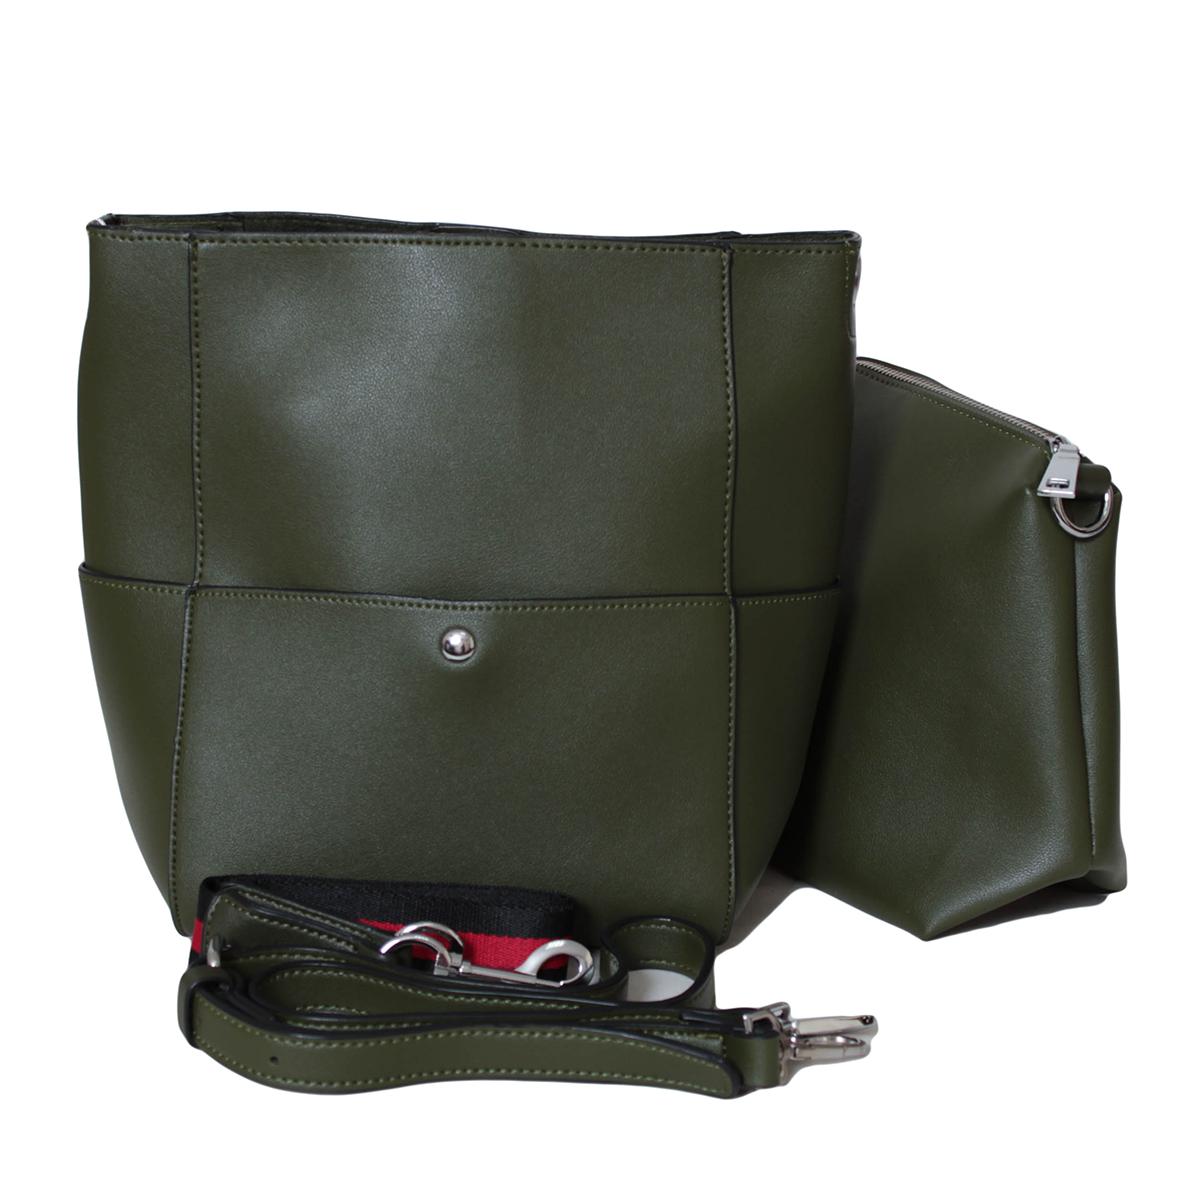 Сумка женская Flioraj, цвет: зеленый. 0005304100053041Закрывается на клапан. Внутри одно отделение, на передней и задней стенки карманы на клапах. В комплекте косметичка, короткий ремешок и длинный ремень.